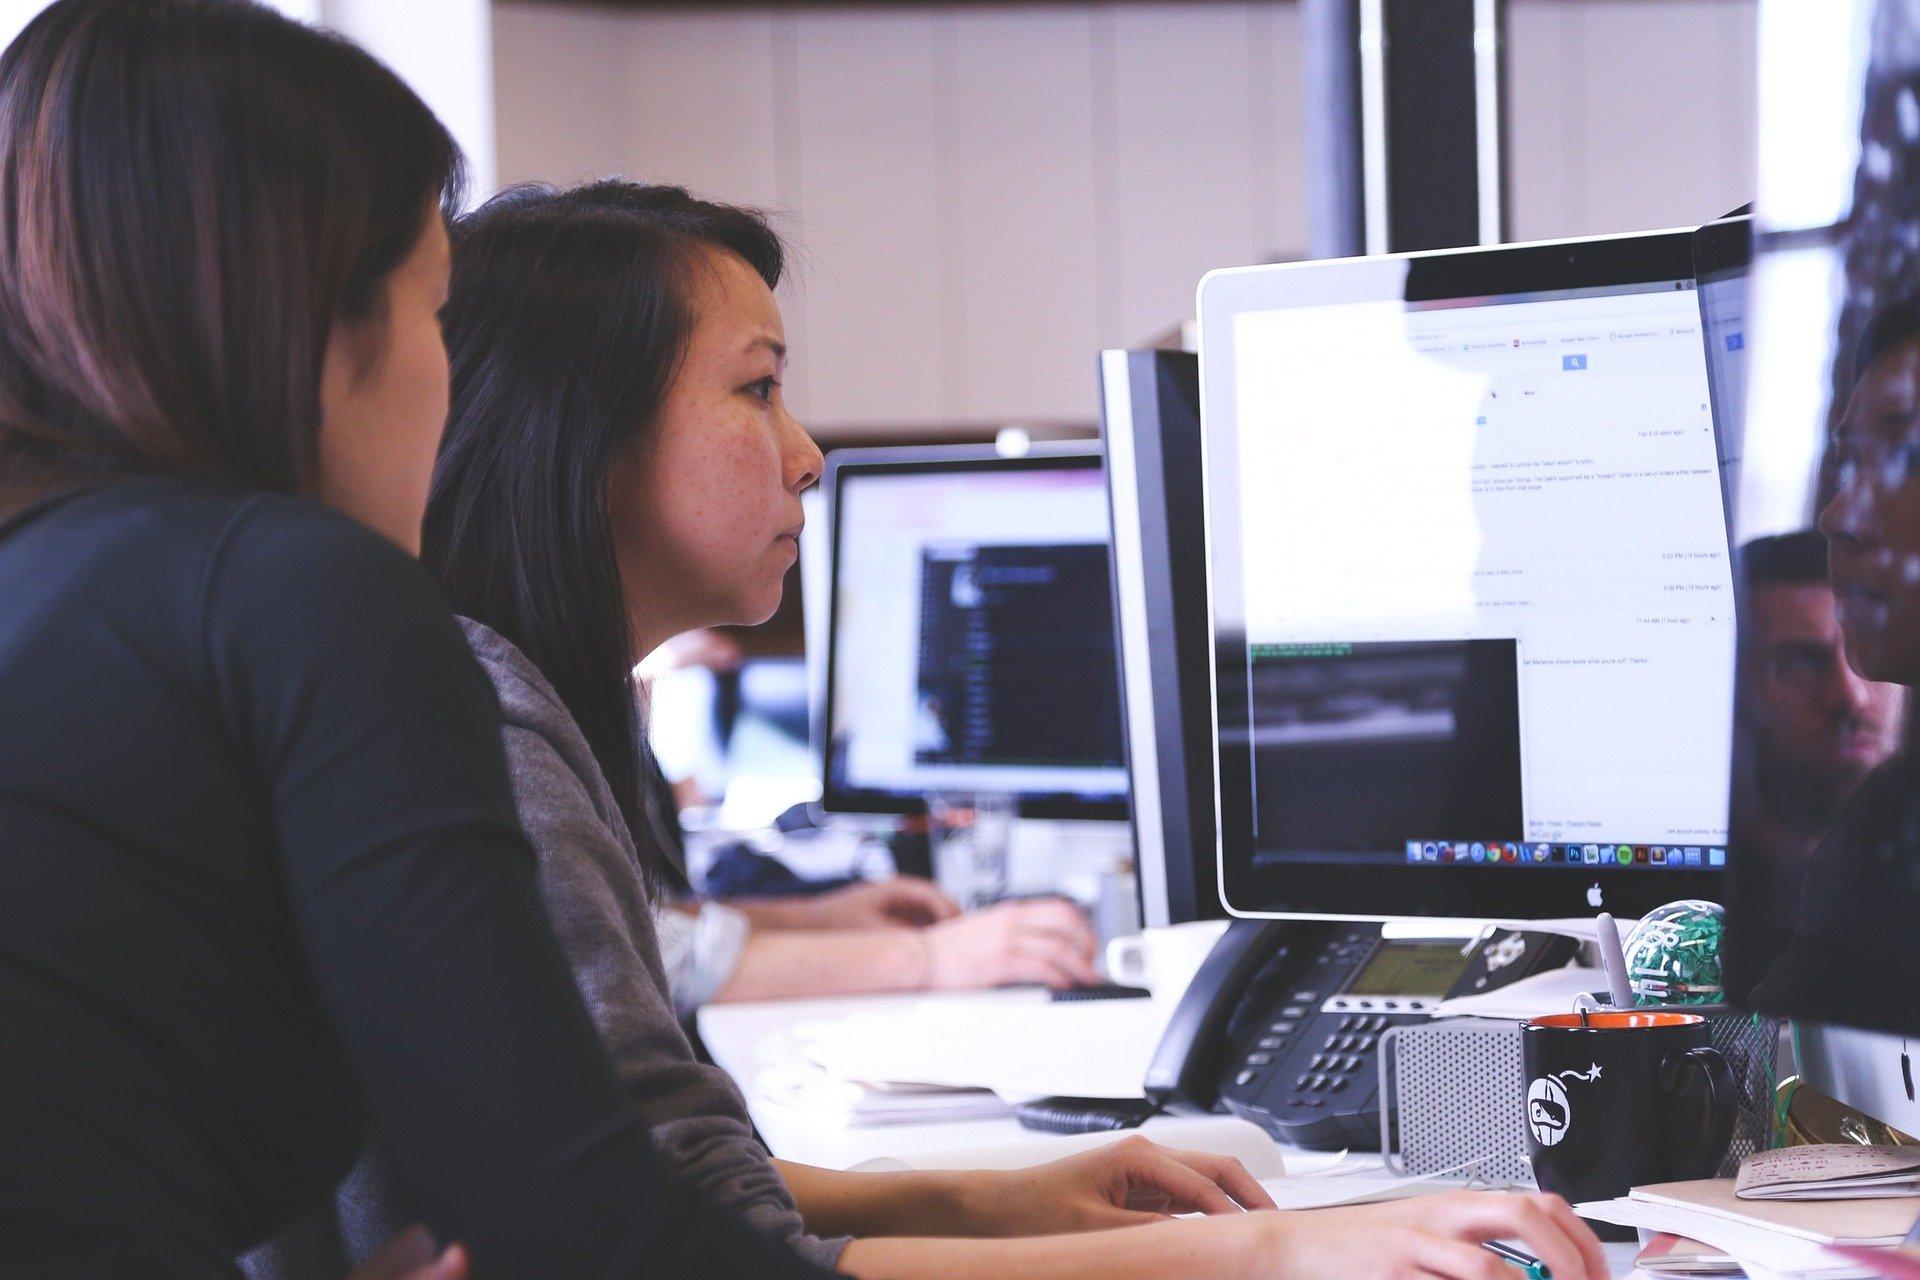 mujeres mirando la pantalla de un ordenador